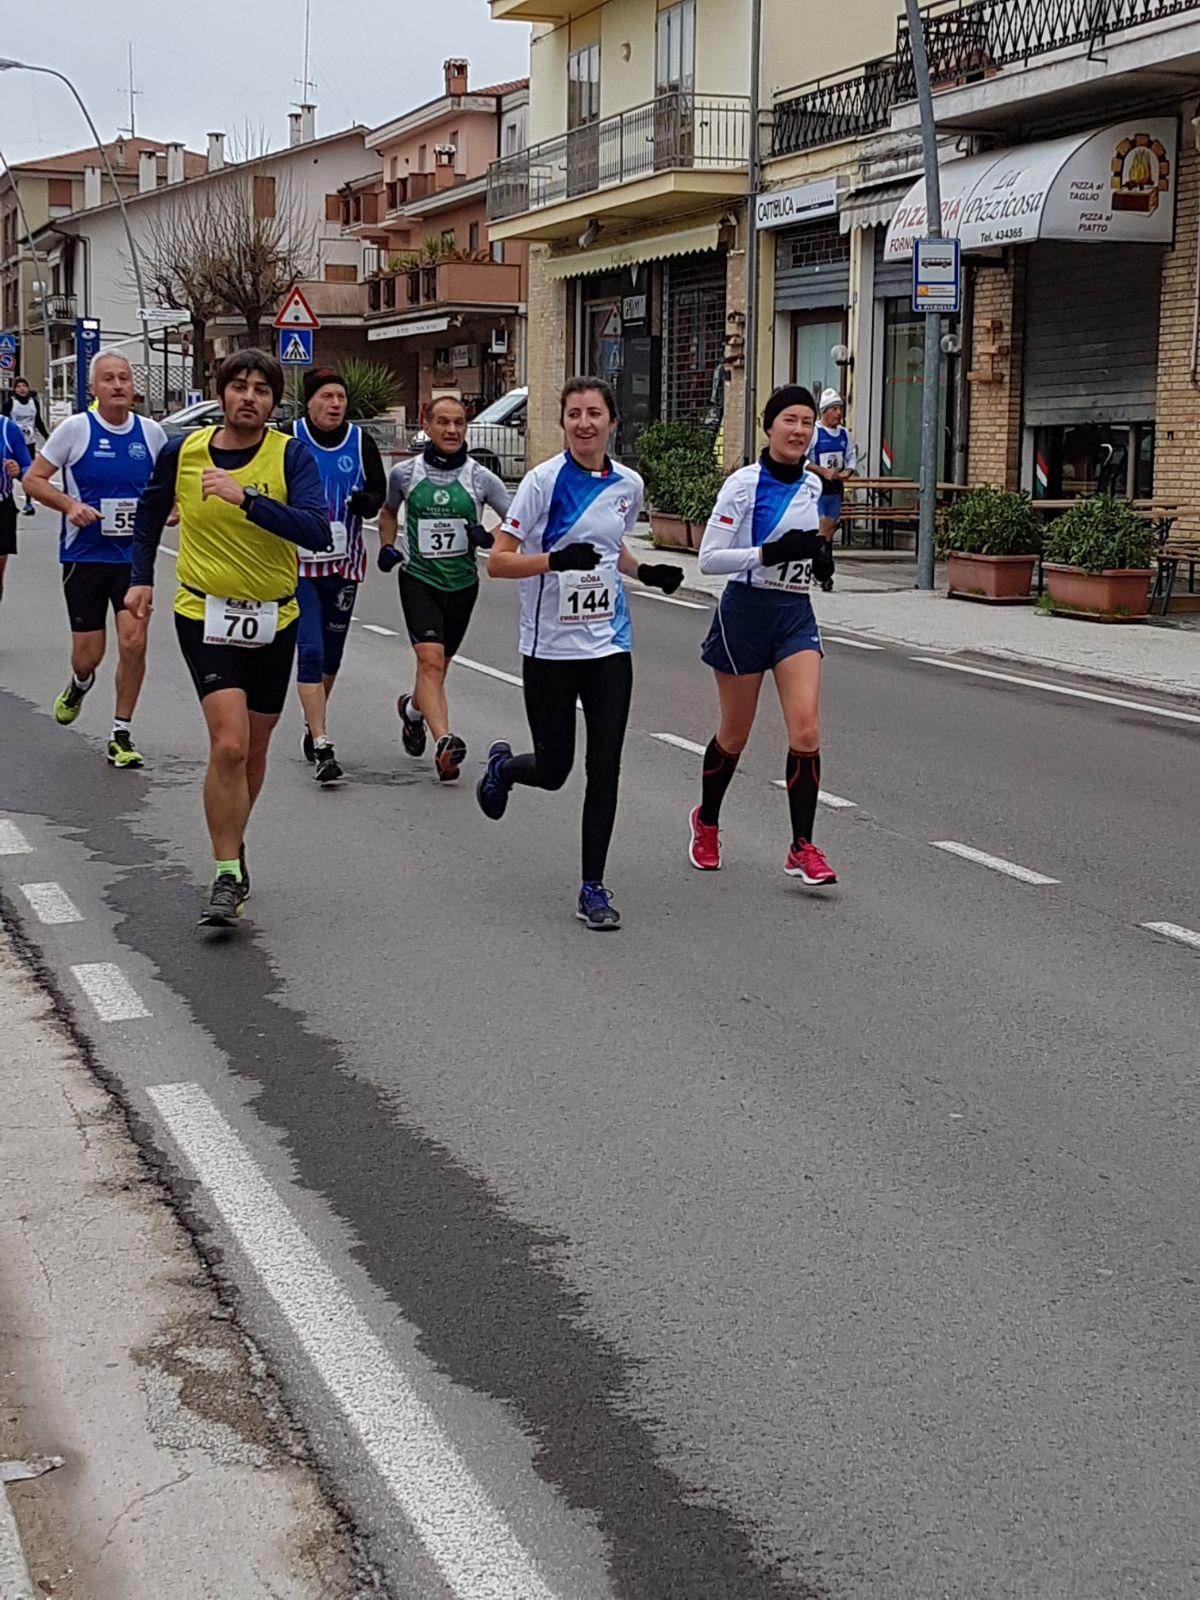 Corridonia  2018-03-18 at 13.48.43